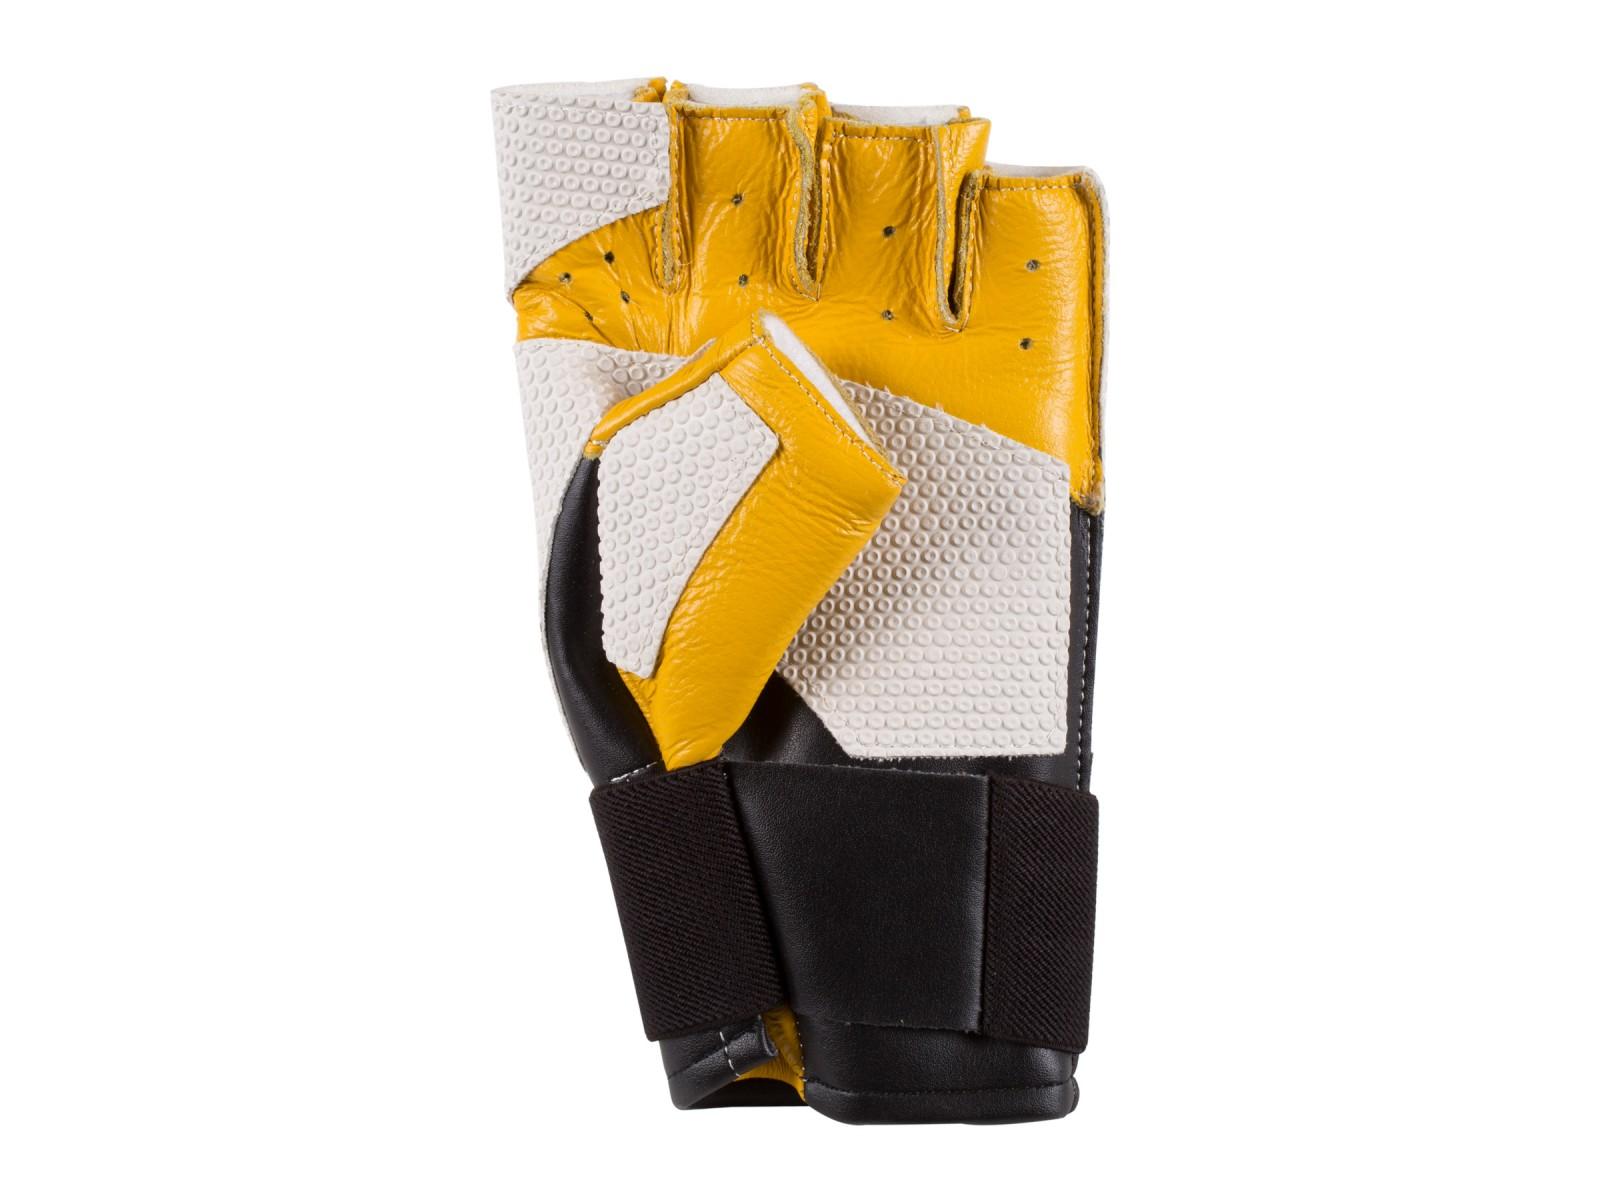 Creedmoor Sports Open Finger Shooting Glove, Fits Left Hand, Medium